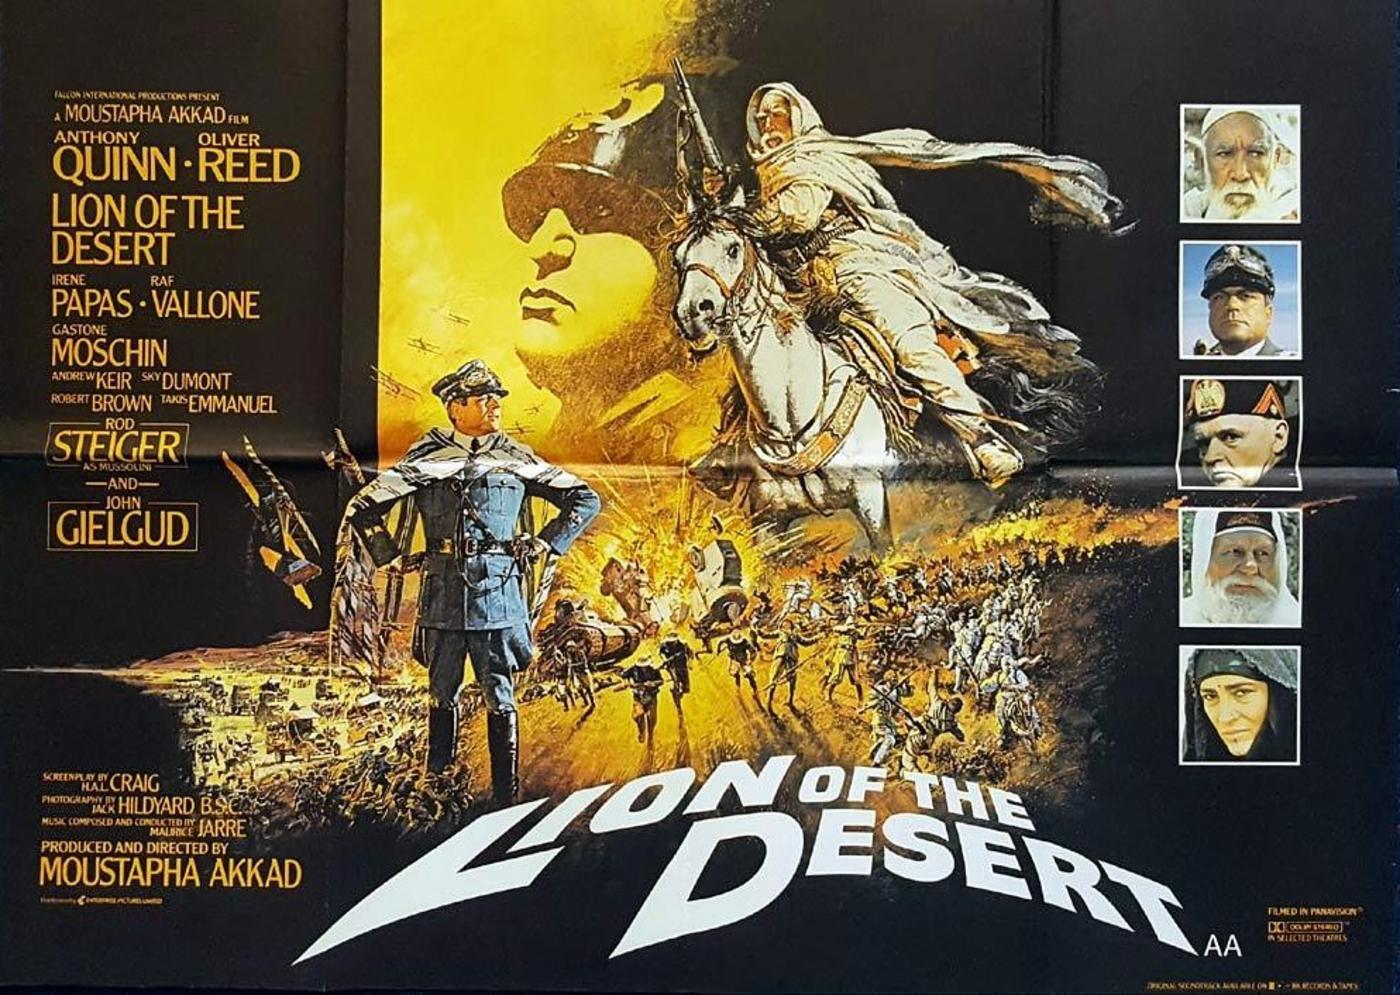 Film Lav pustinje